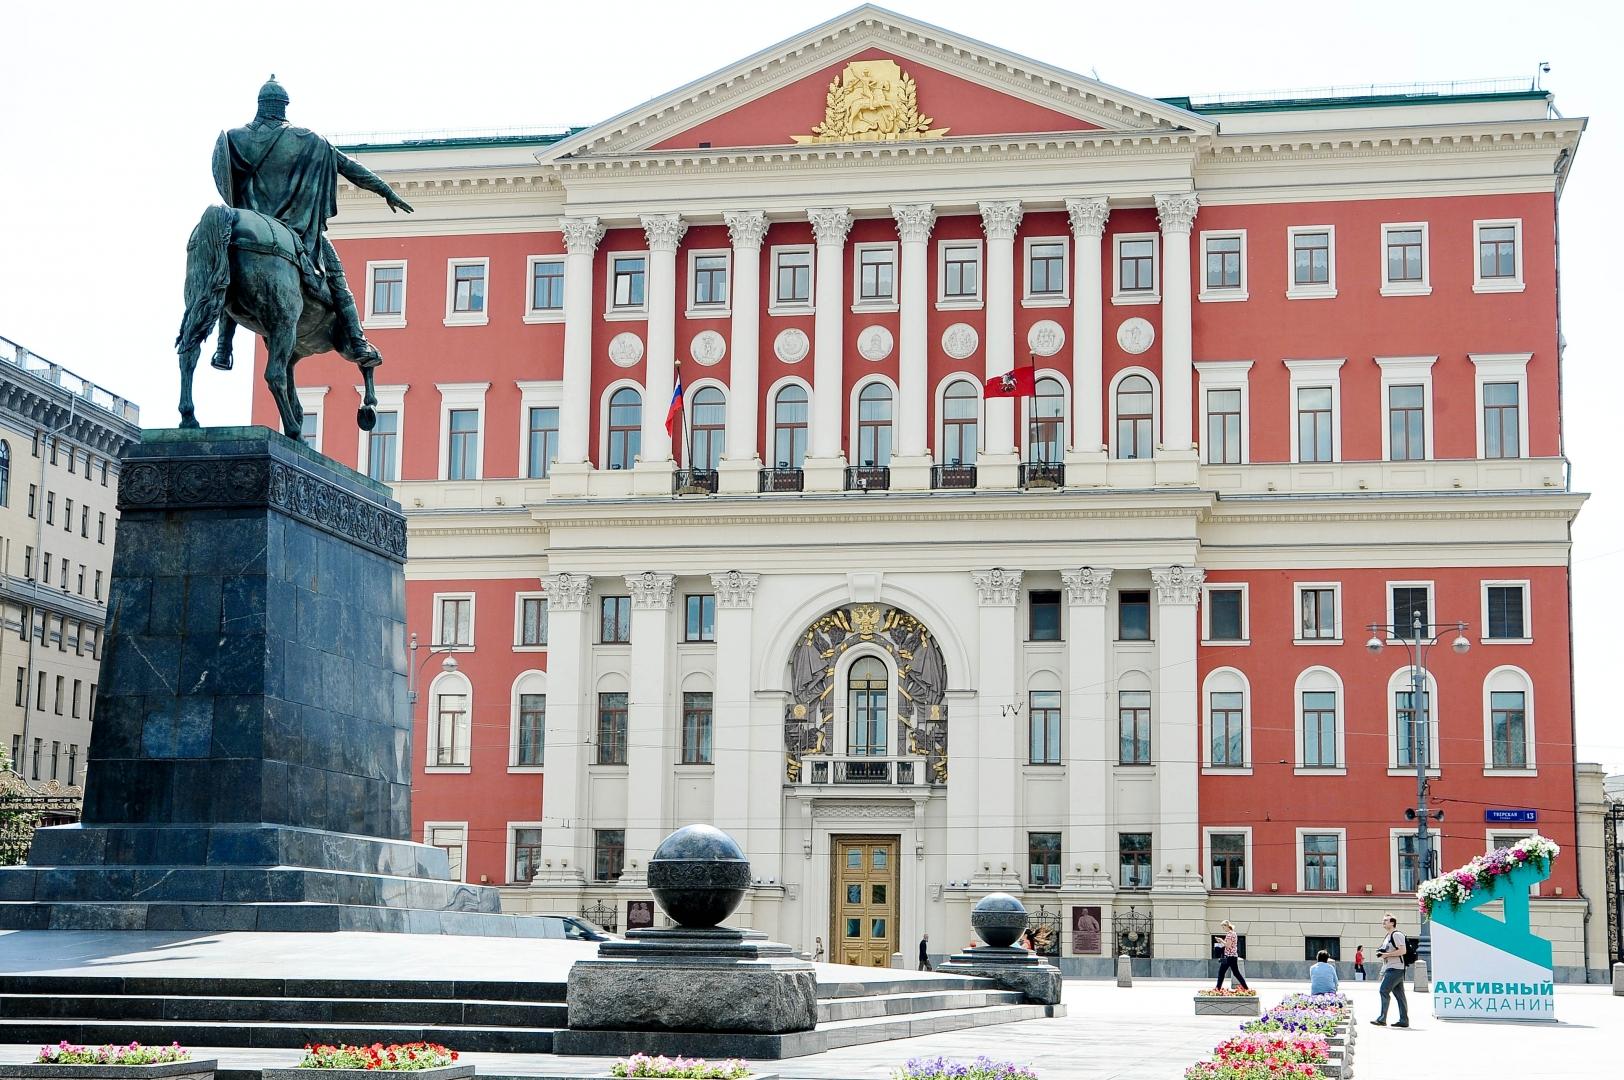 Мэрия Москвы готова потратить 280 млн руб. на систему сбора информации о жизнедеятельности москвичей